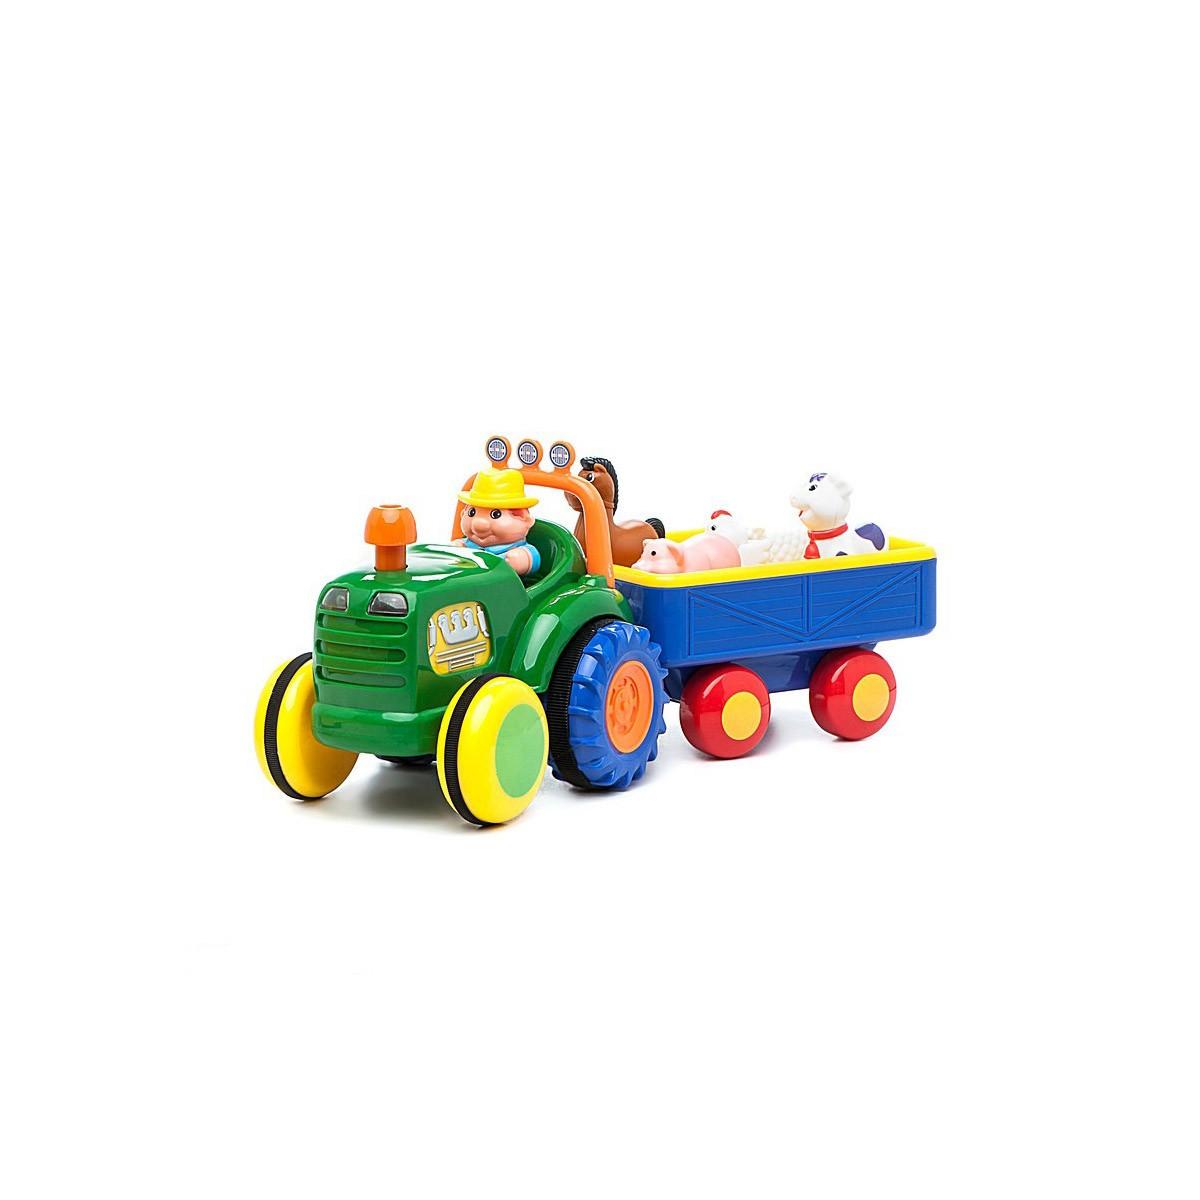 Іграшка на колесах Трактор з трейлером Kiddieland 024753